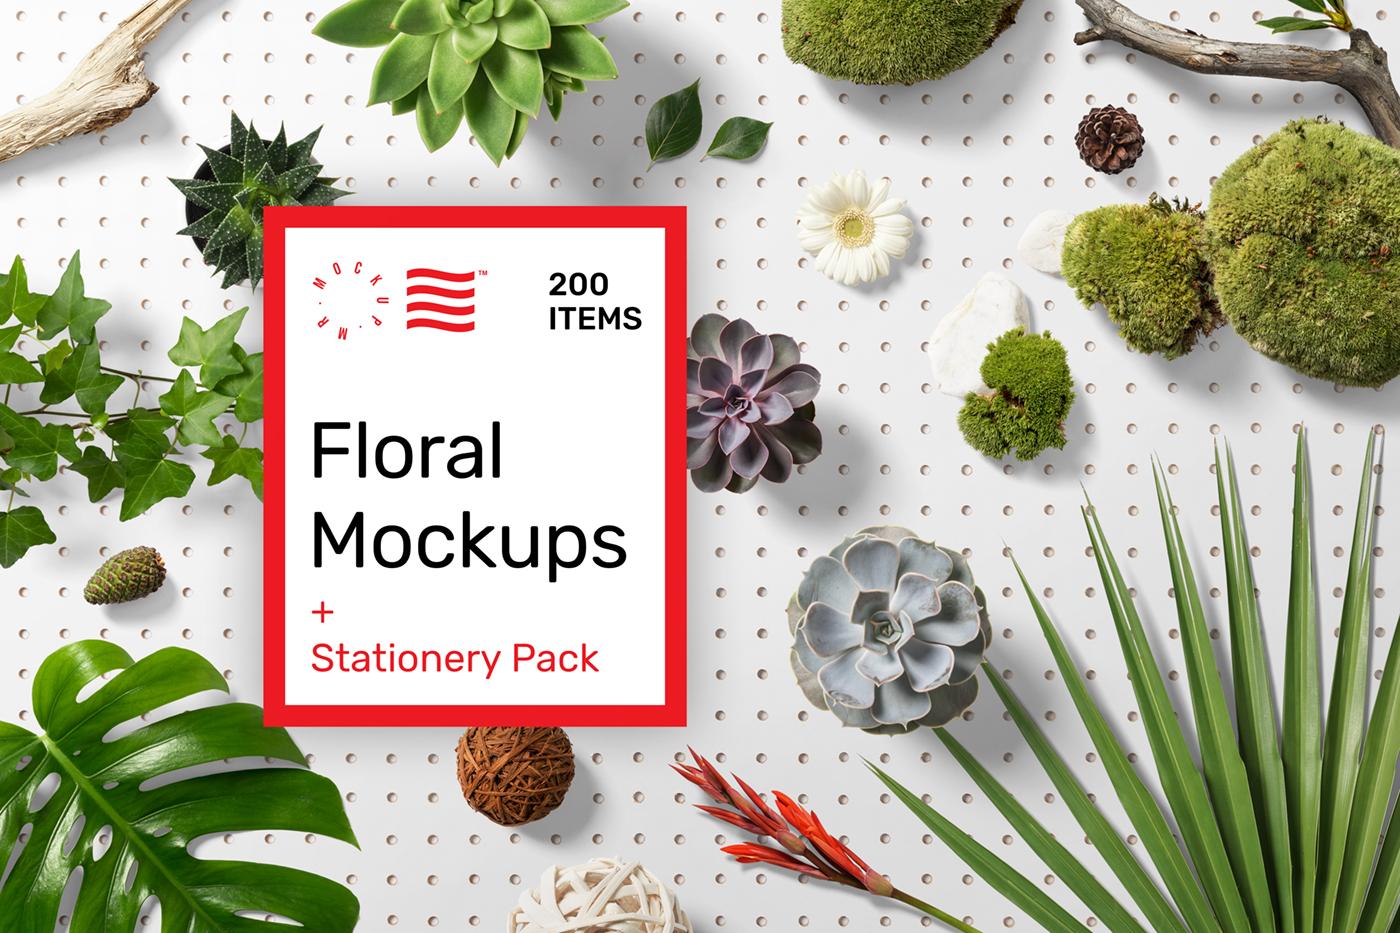 floral mockups